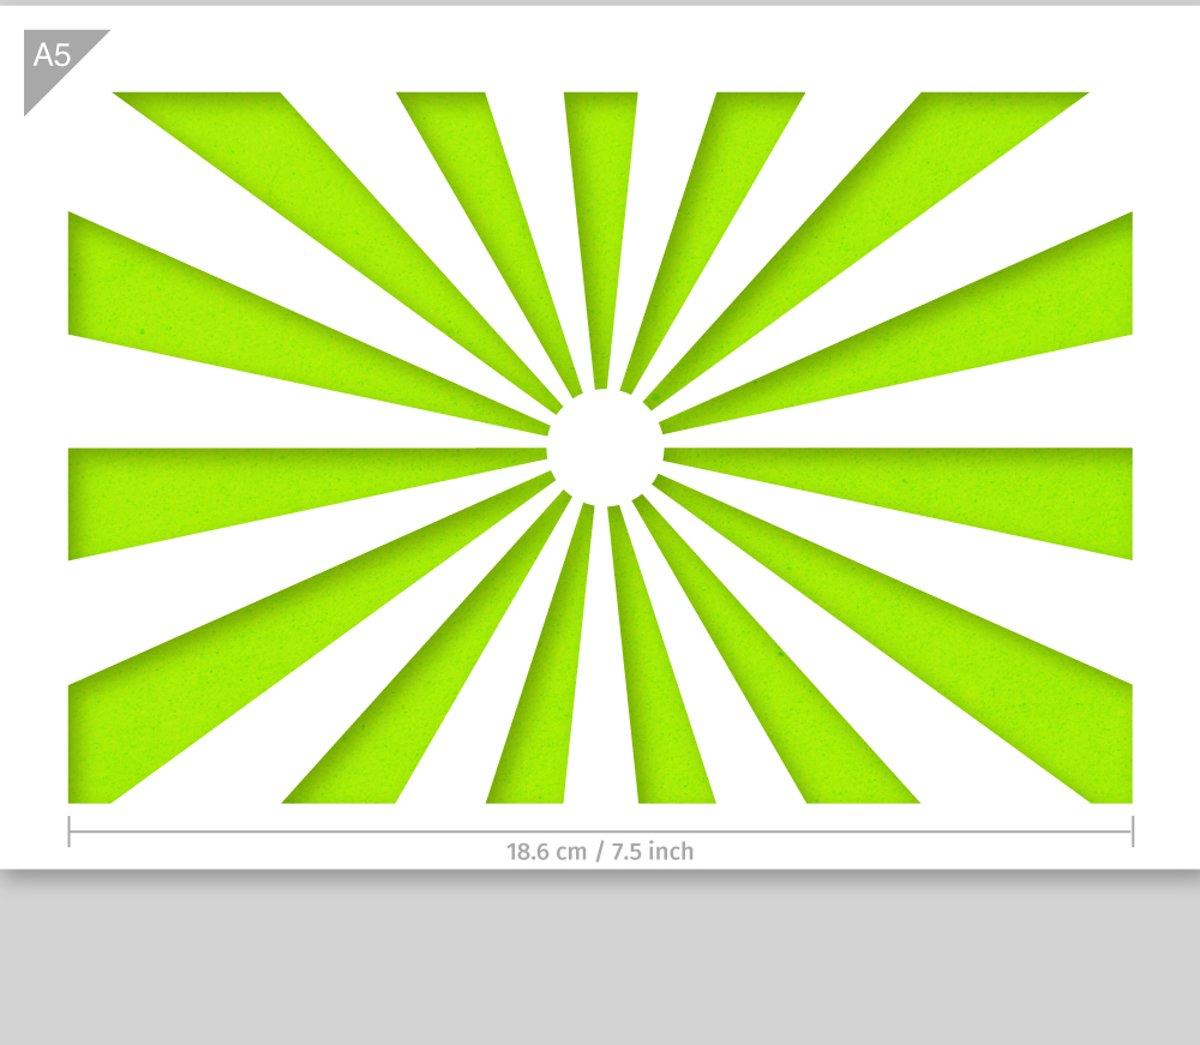 Zonneschijn sjabloon - Kunststof A5 stencil - Kindvriendelijk sjabloon geschikt voor graffiti, airbrush, schilderen, muren, meubilair, taarten en andere doeleinden kopen